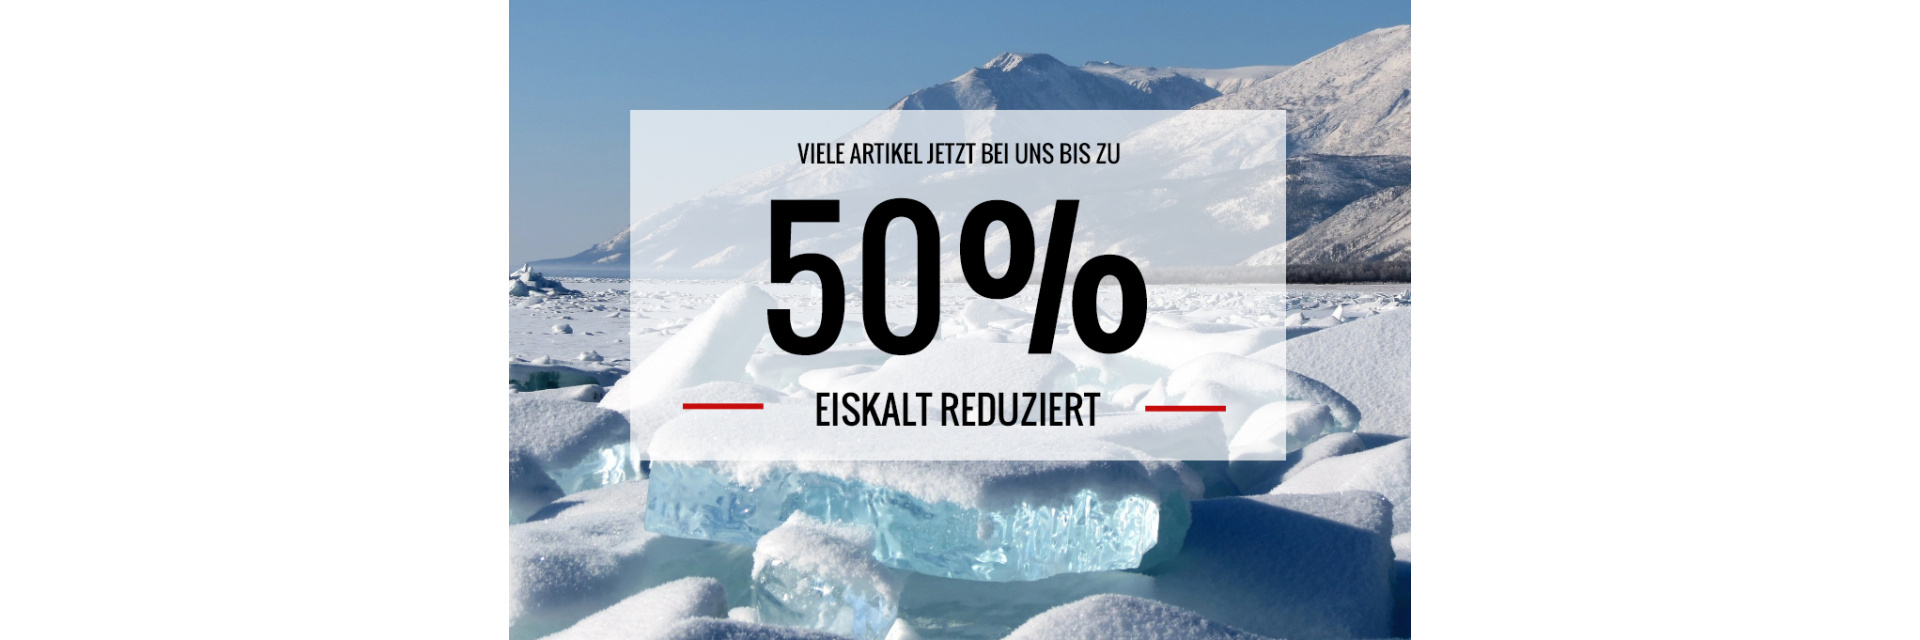 Eiskalt Reduziert!